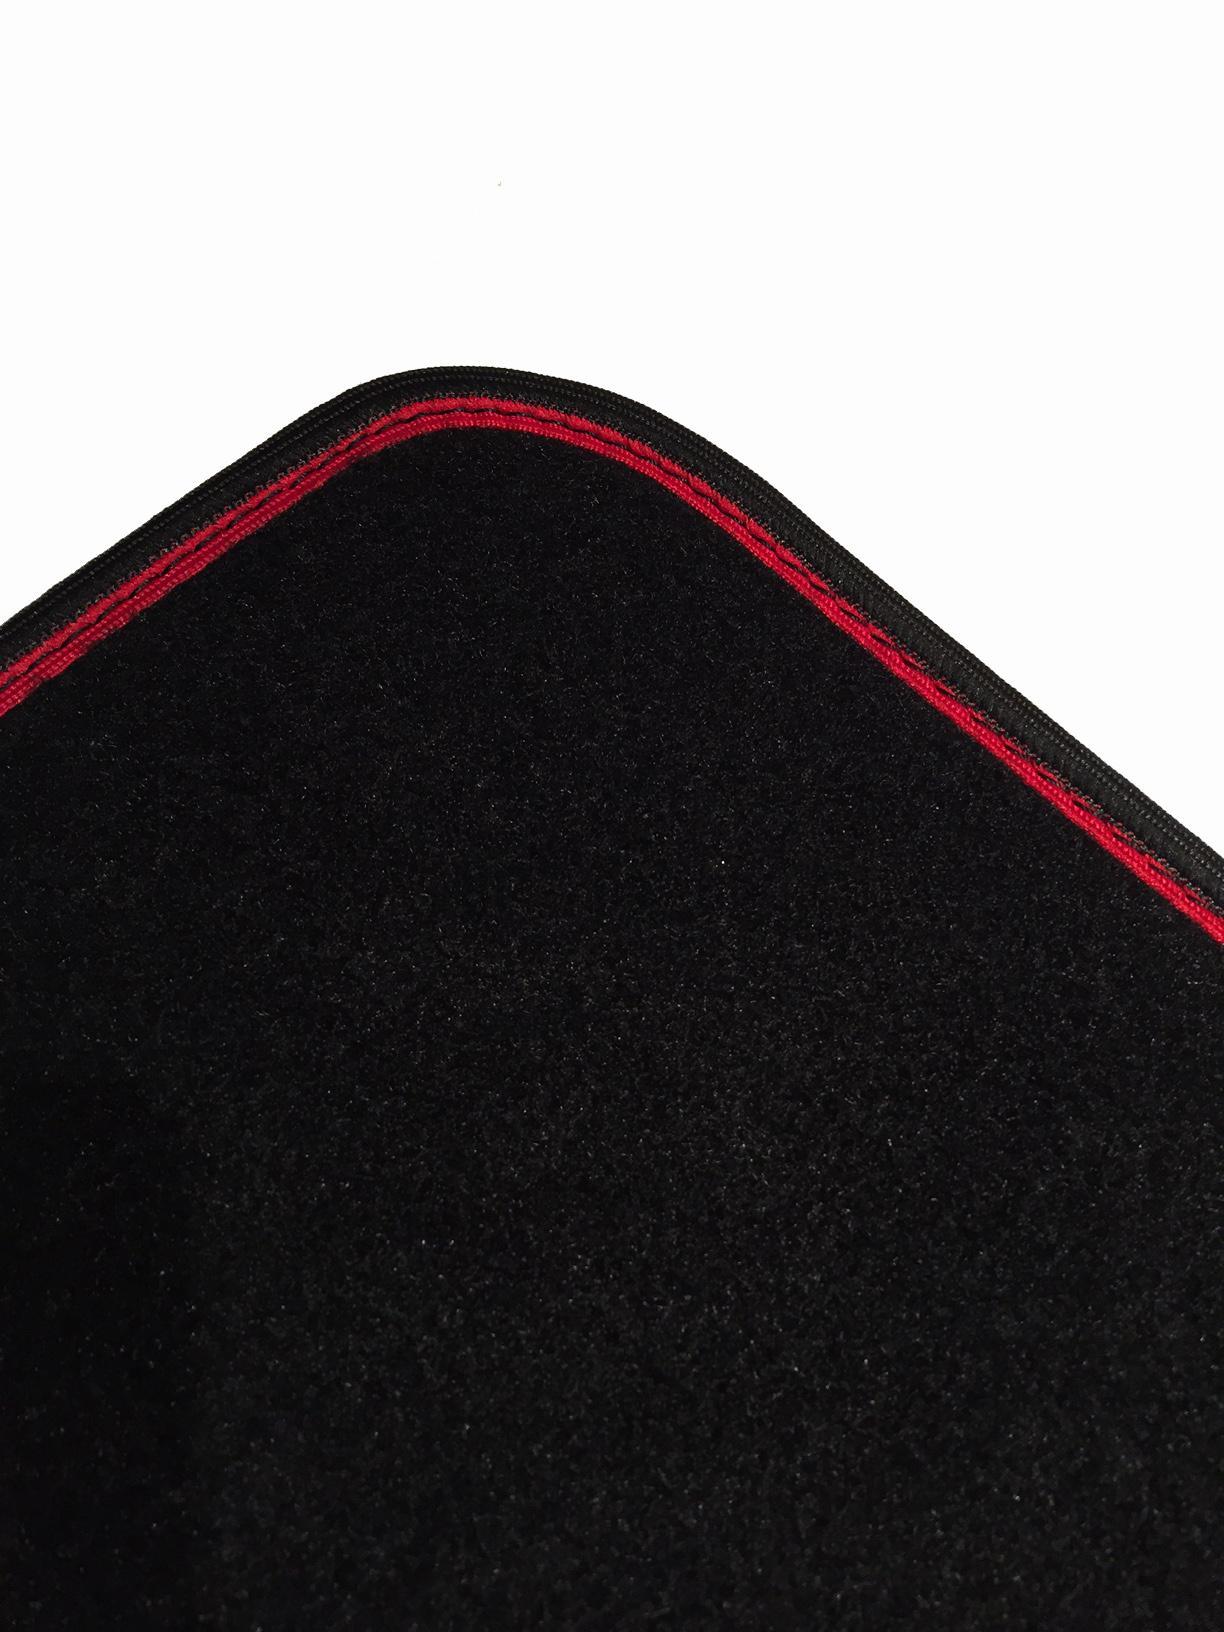 Fußmattensatz DBS 01765761 Bewertung